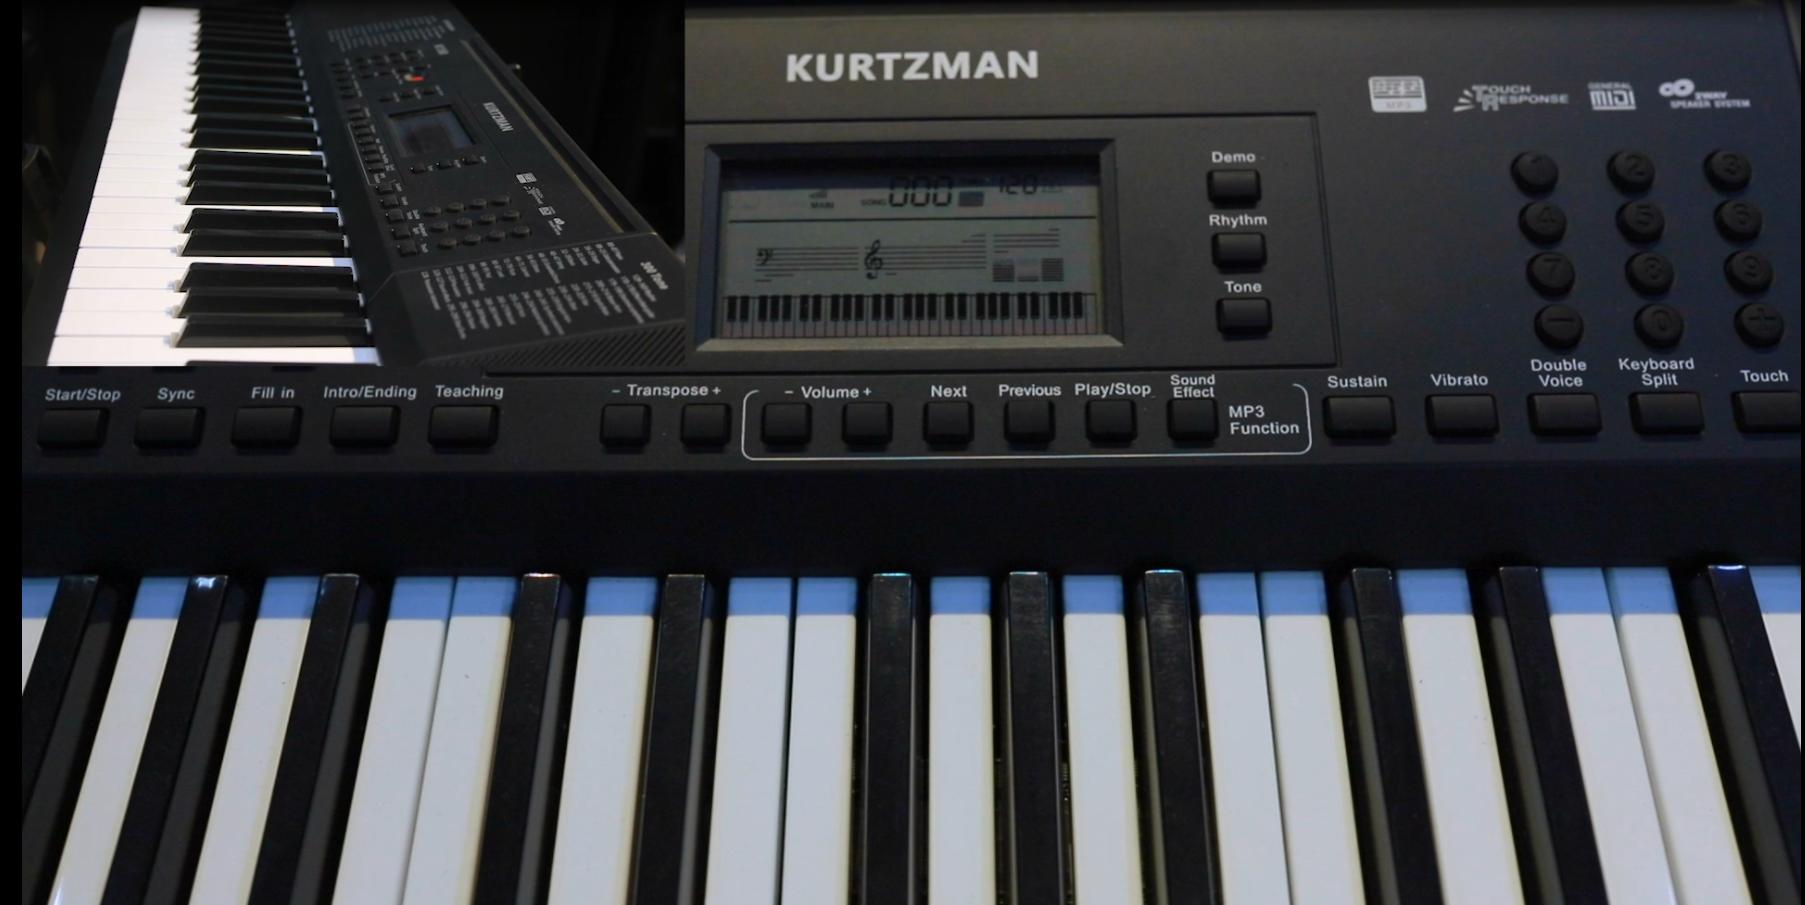 Đánh giá đàn Organ Kurtzman K150